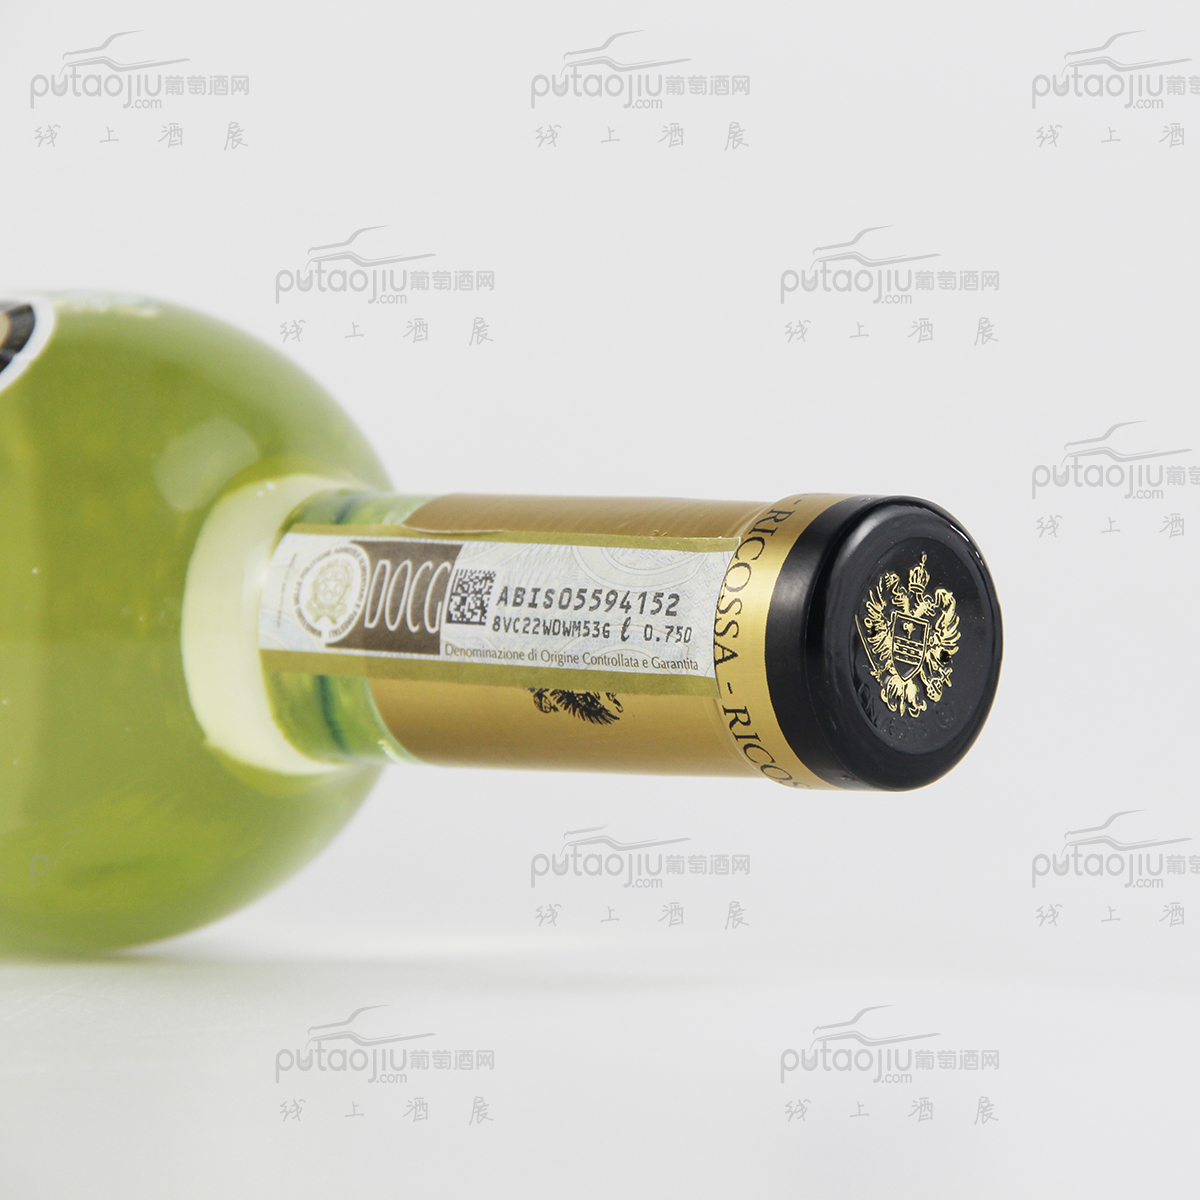 雷克萨嘉维白葡萄酒